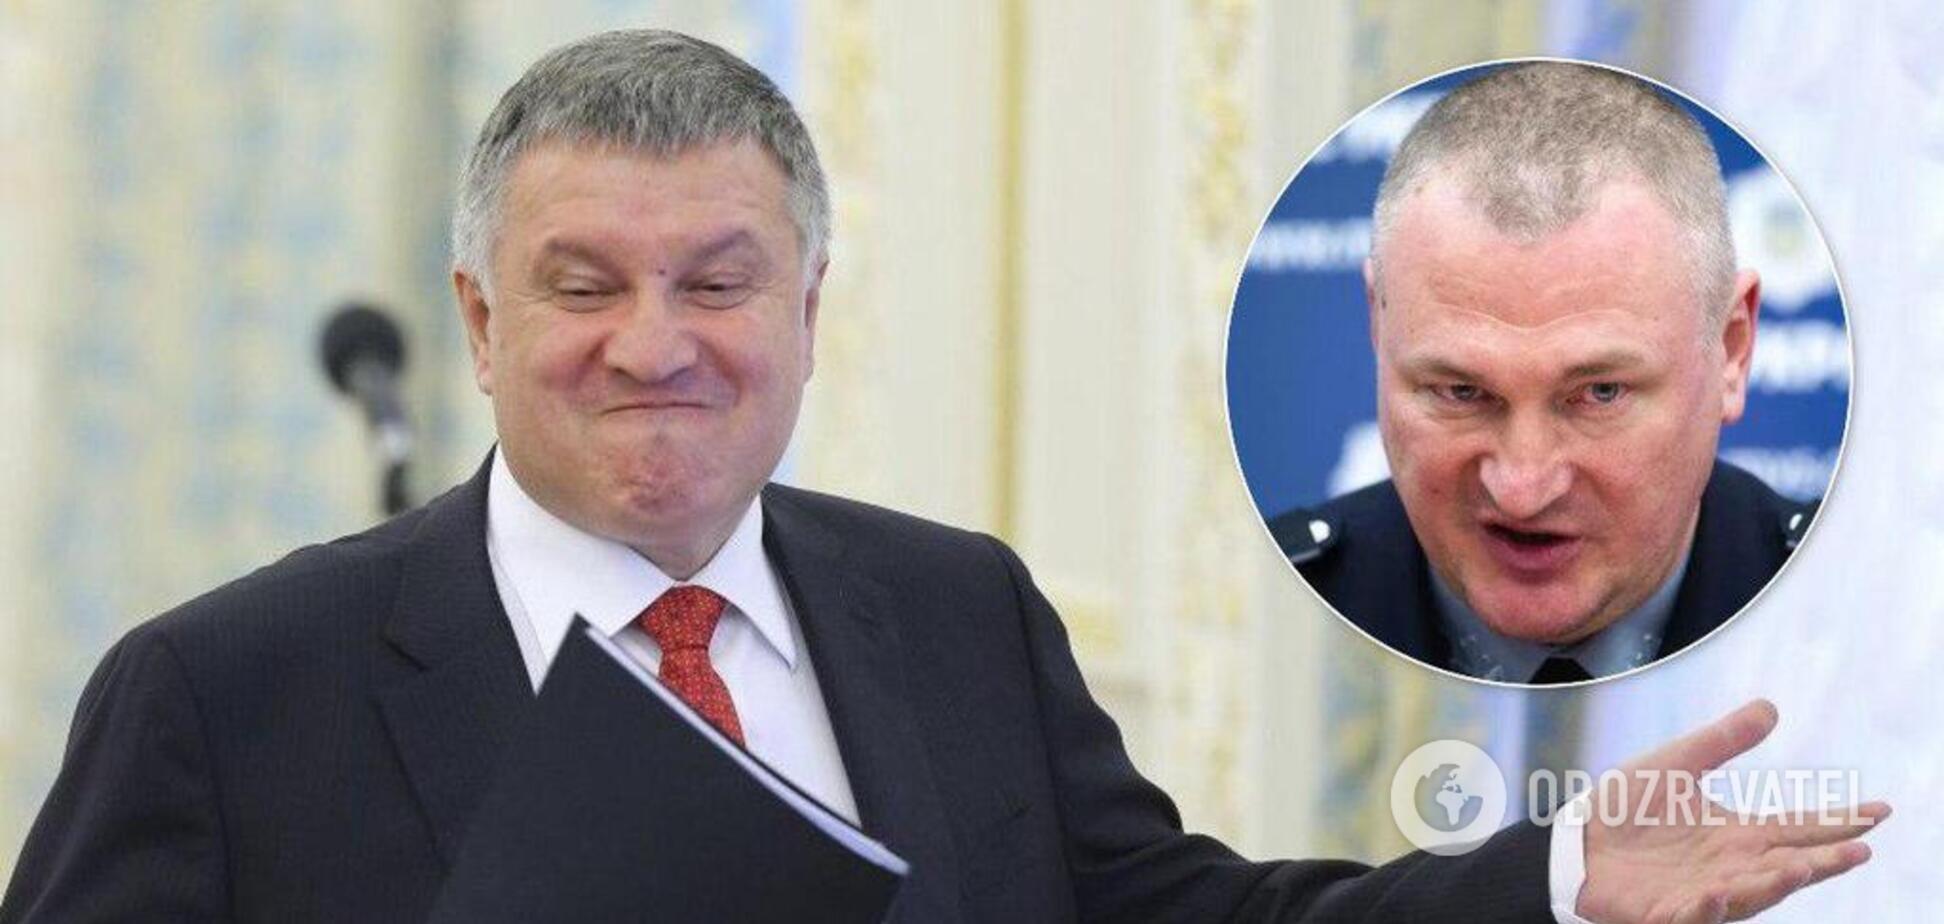 Аваков уволил Князева? Скандал вокруг экс-жены главы Нацполиции получил резкий поворот